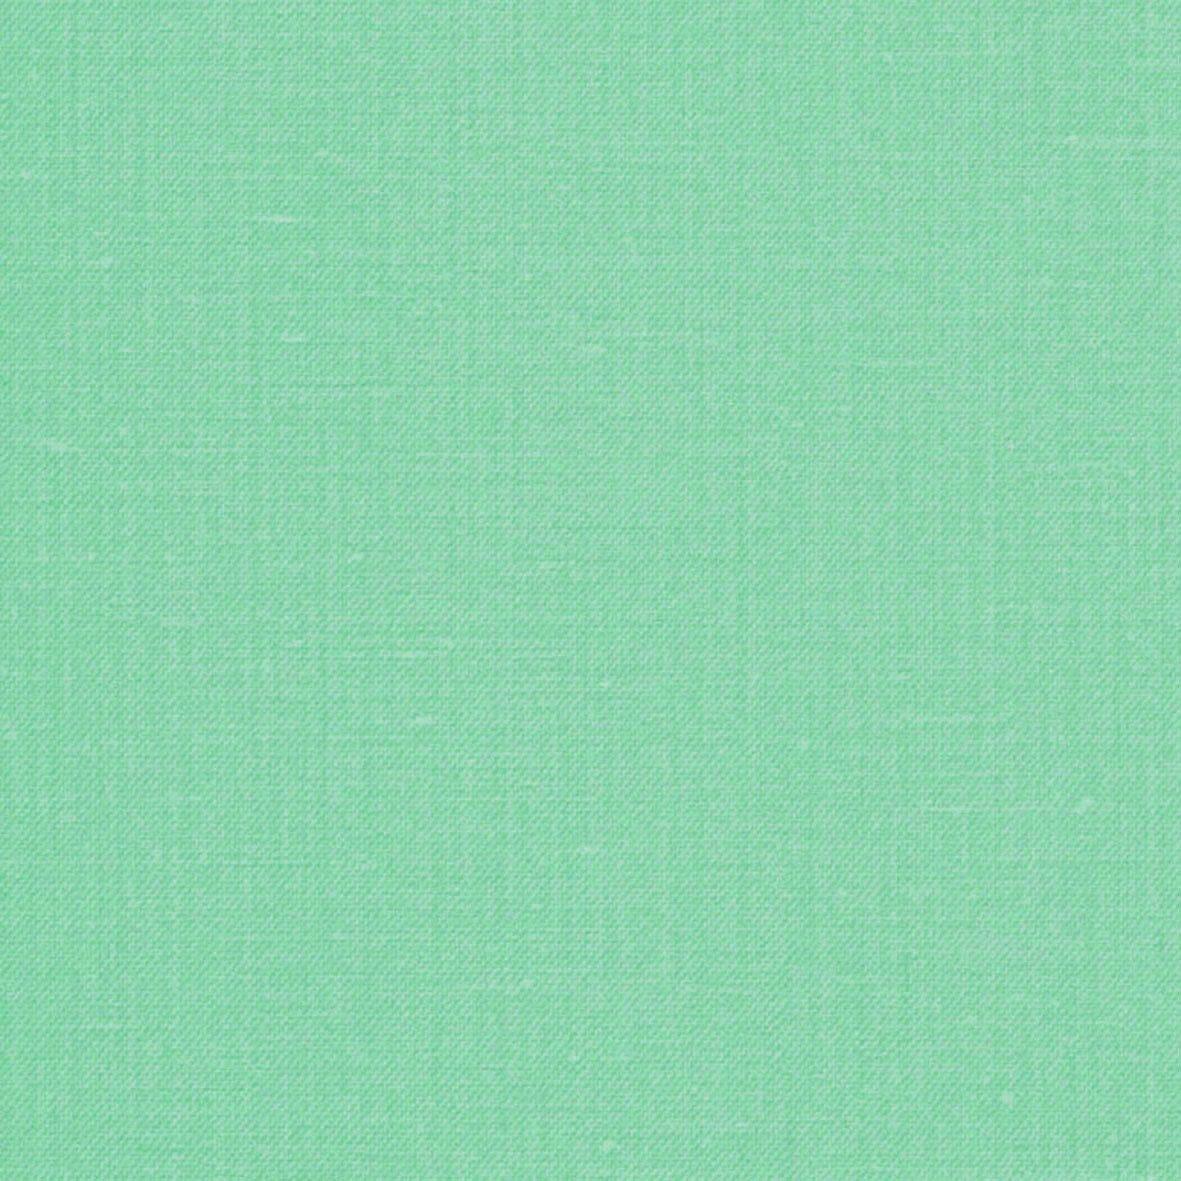 リリカラ 壁紙24m シンフル 無地 ブルー LL-8600 B01N3SLRDN 24m|ブルー